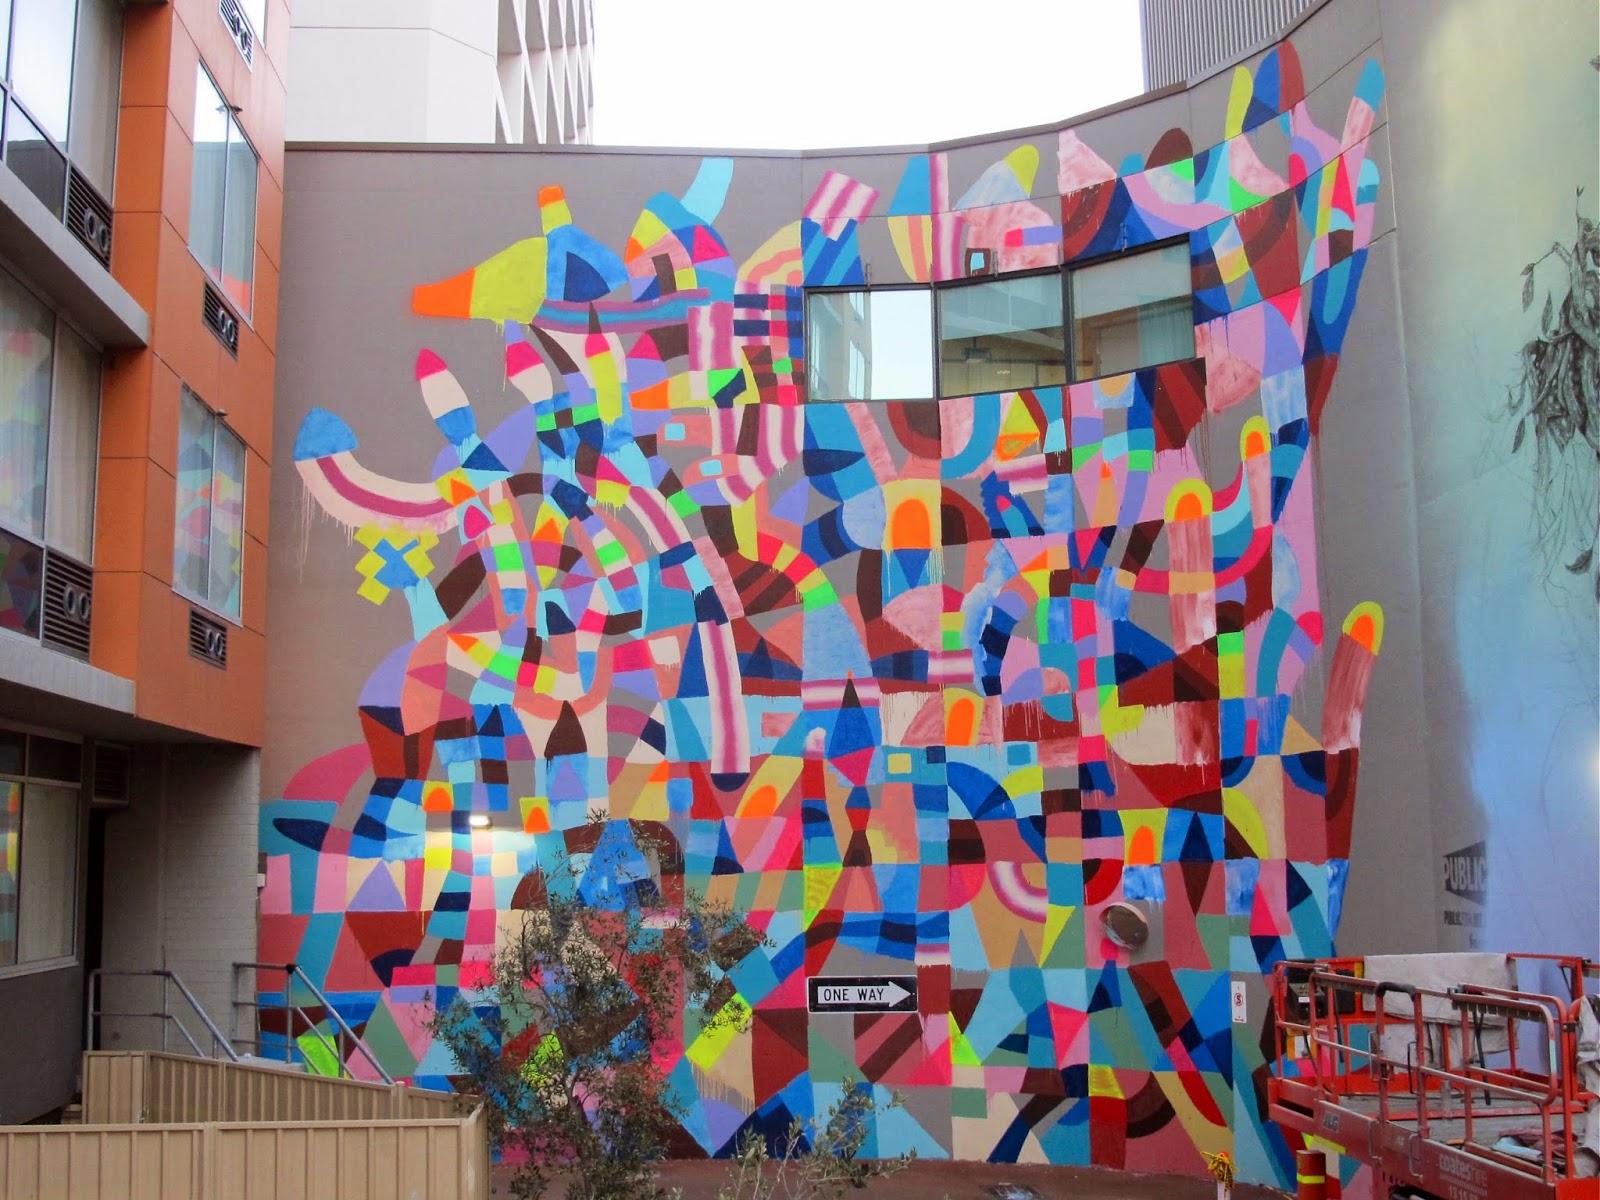 Maya hayuk new mural for public festival perth for Art mural nivelles